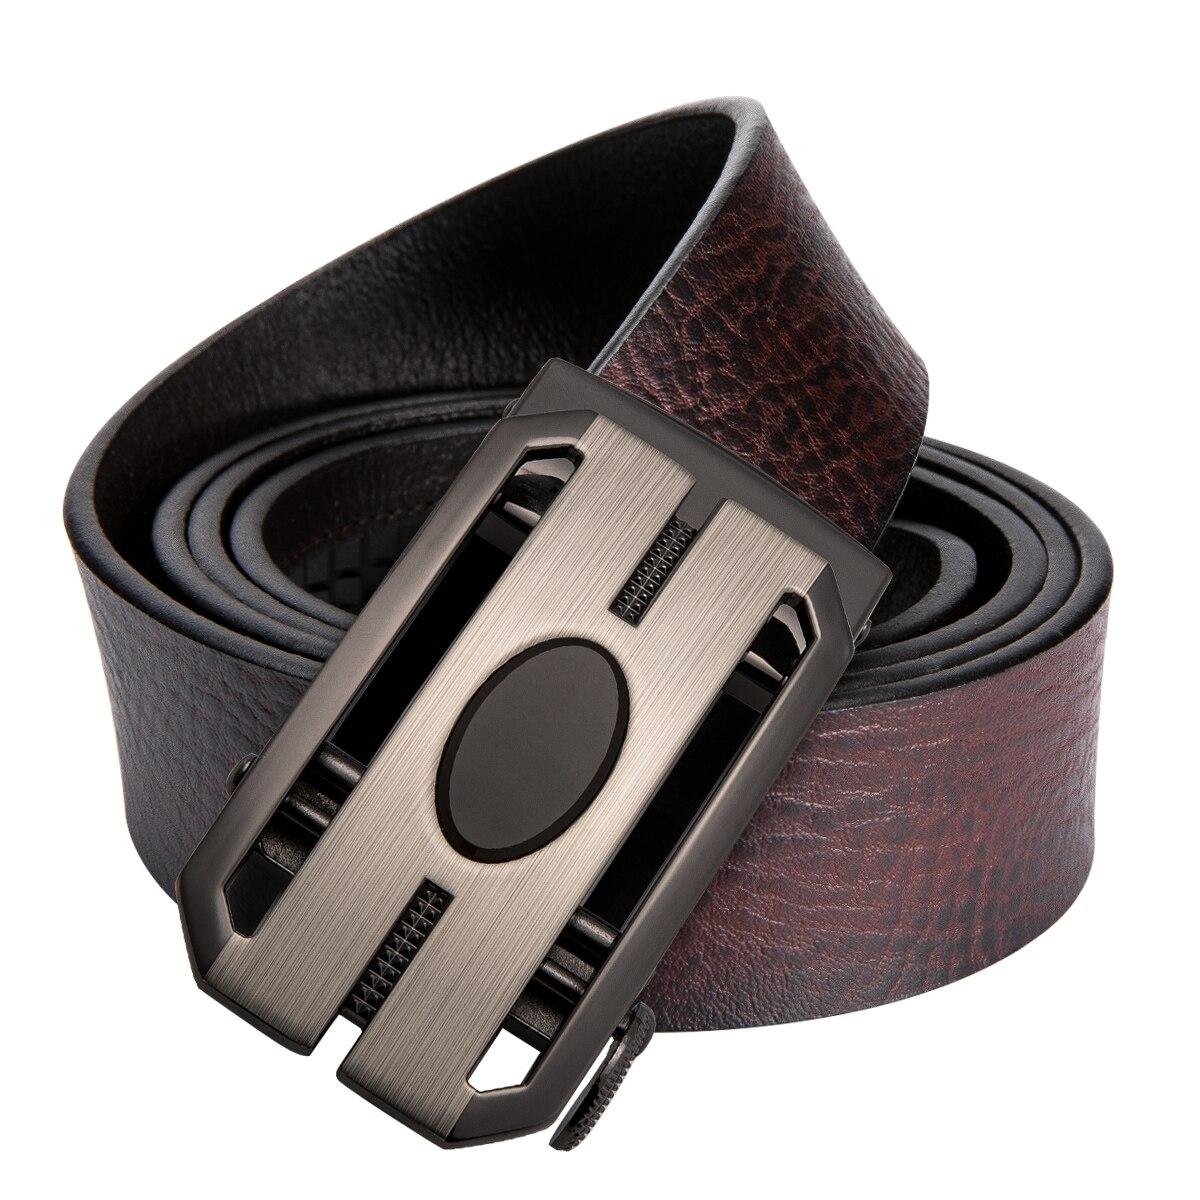 DiBanGu Männer Bussiness Stil Designer Lather Band Männlichen Gürtel mit Automatische Schnalle Gürtel Cinturones Hombre 110-130 cm GX-0072